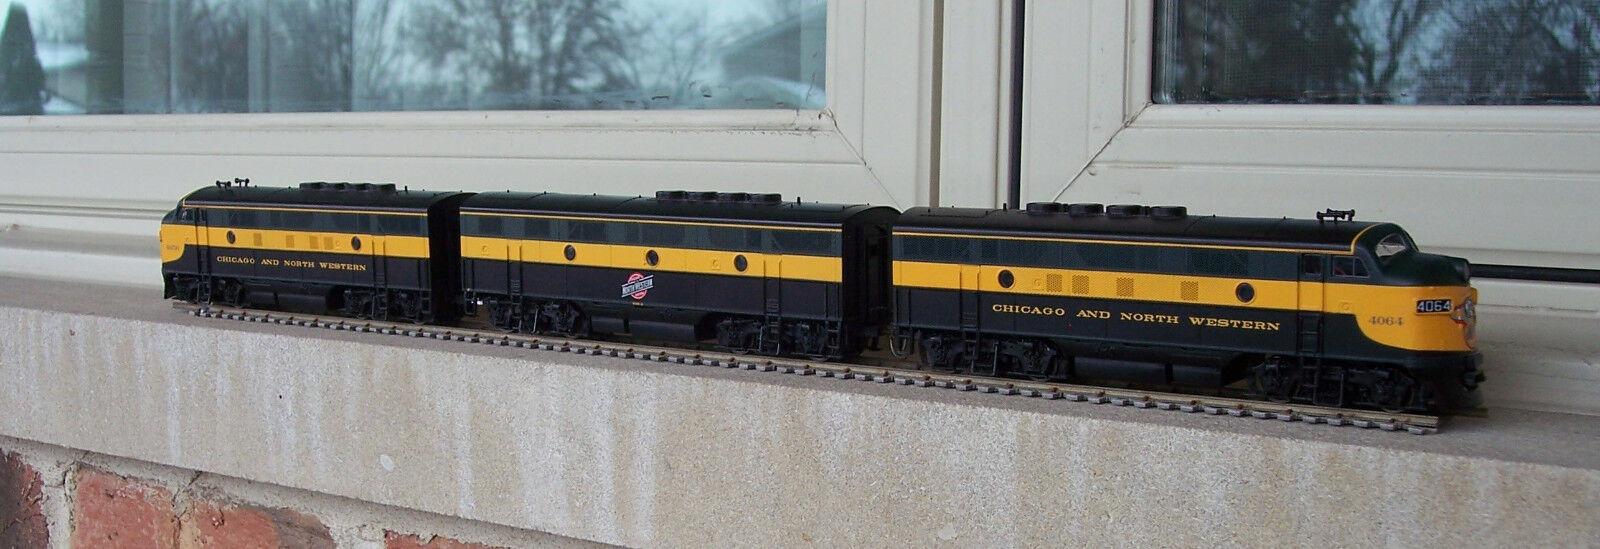 Life-Like C&NW Railroad F-3 A-B-A Set All Powerosso Locomotives HO Scale Kadees